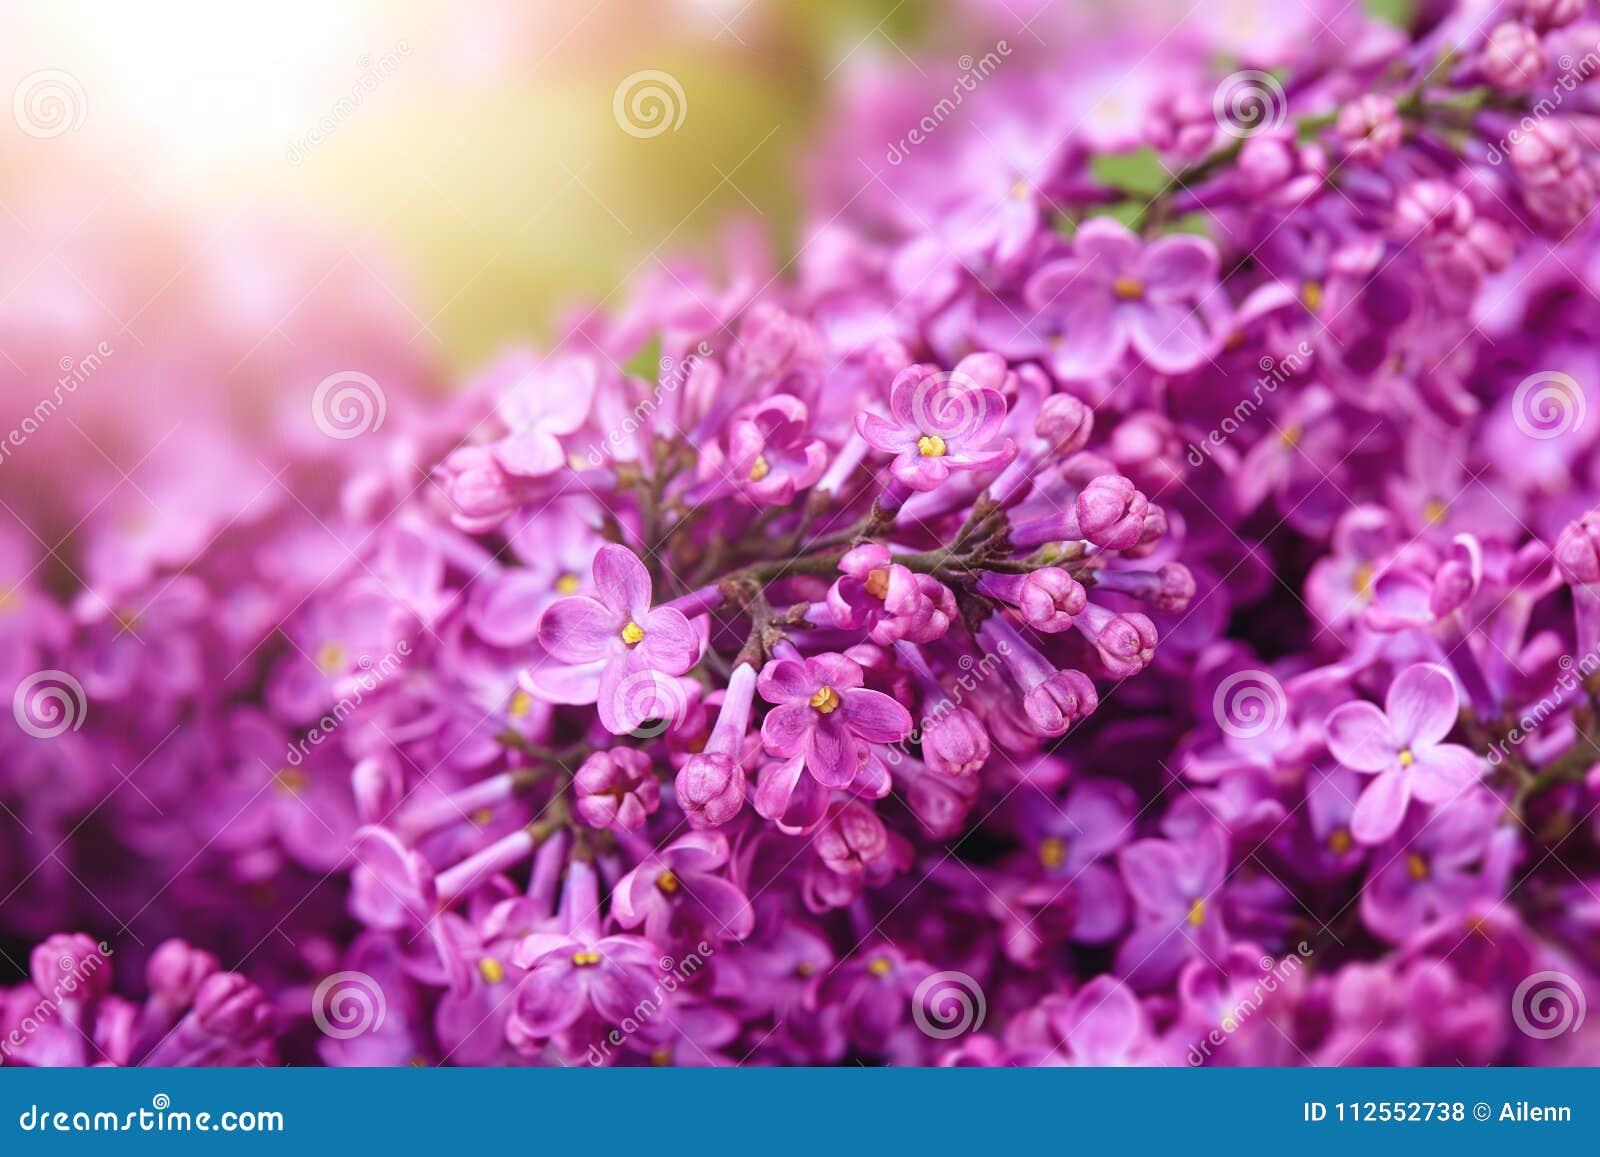 Fond Ensoleille De Ressort De Fleur Lilas Photo Stock Image Du